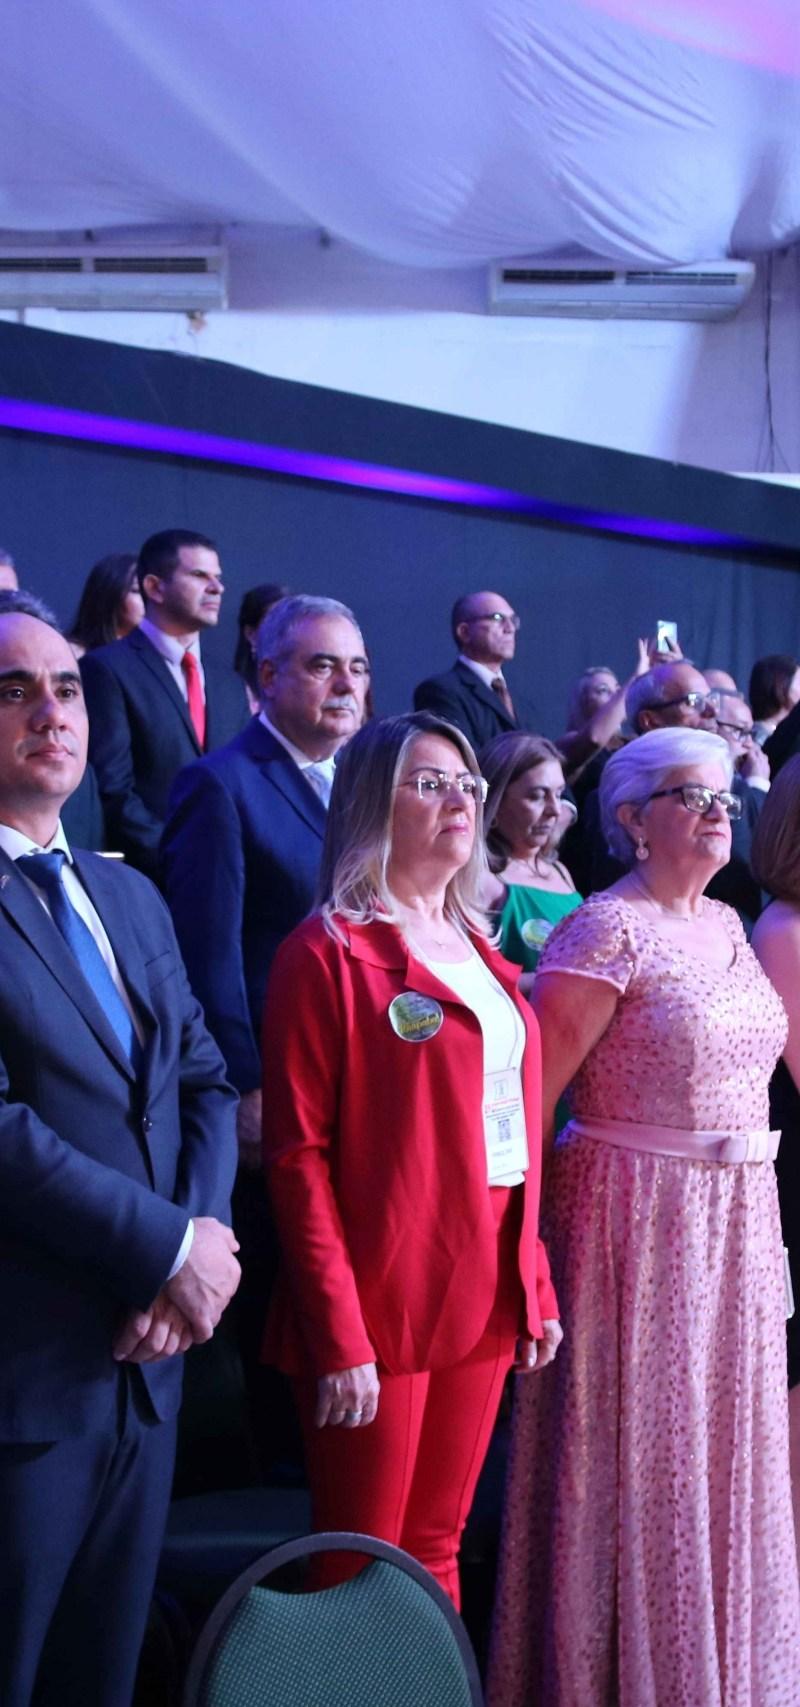 29ª Convenção Estadual do Comércio Lojista, reúne 1500 pessoas